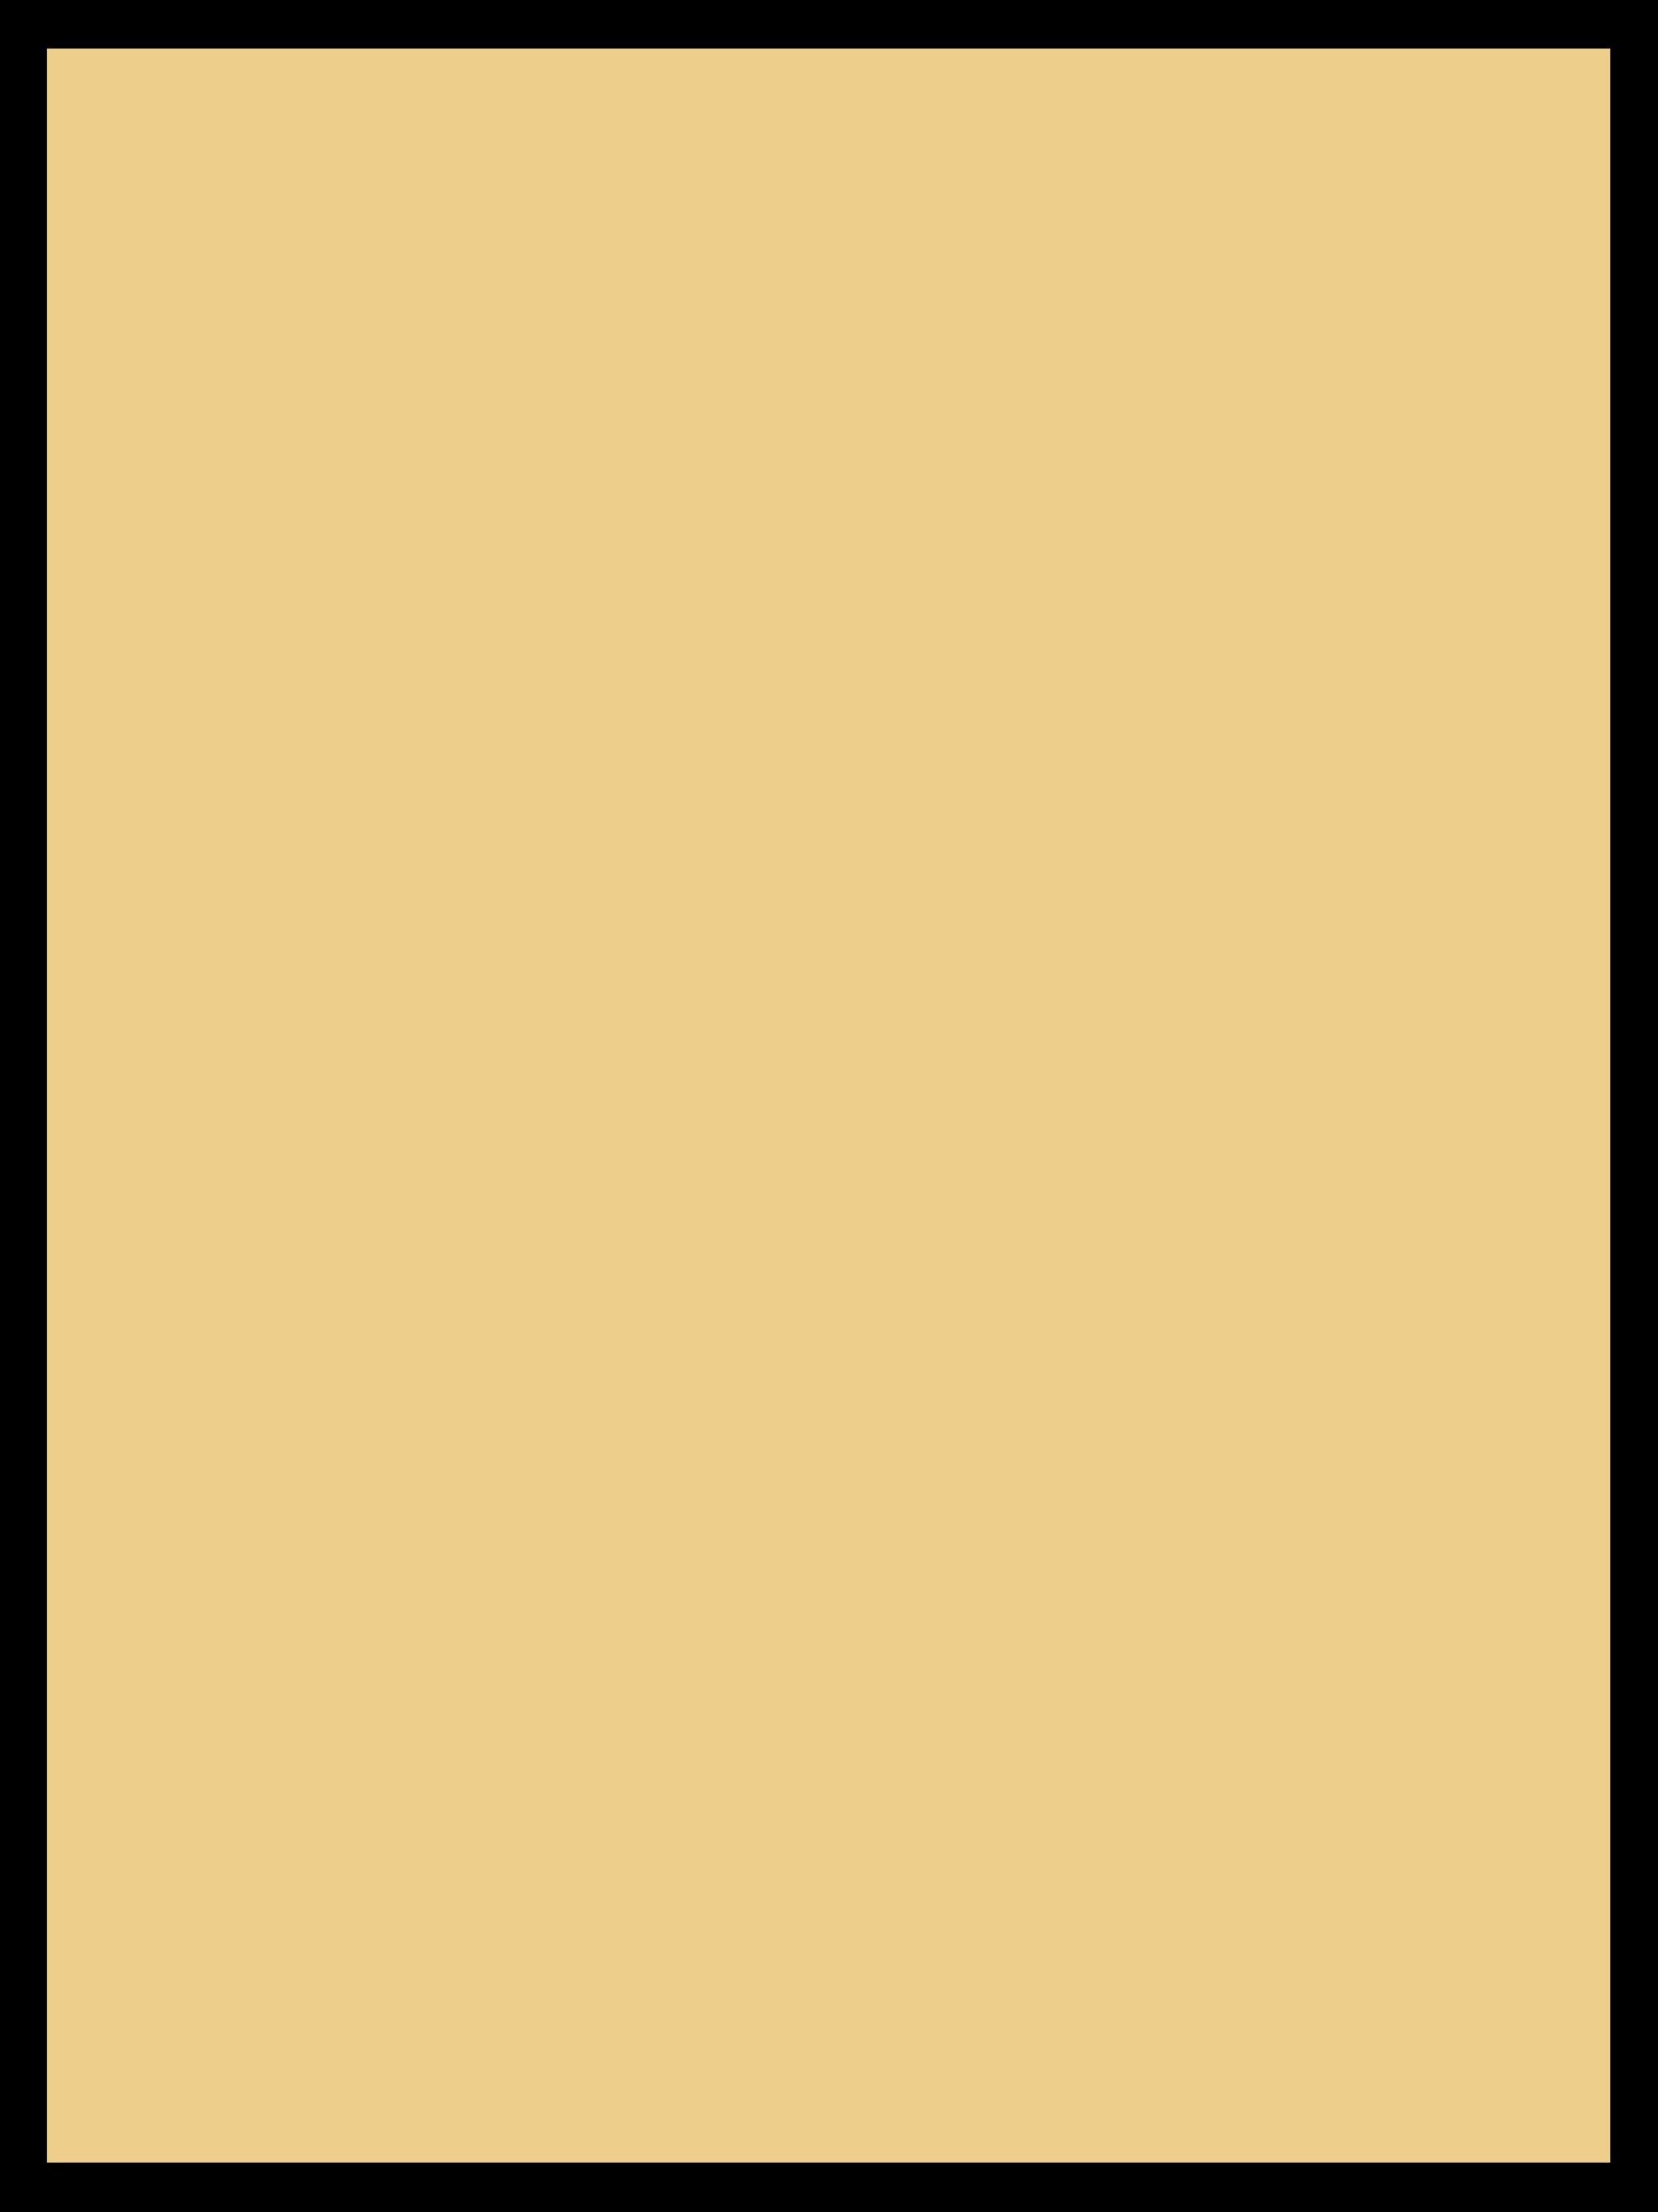 Ipad Vertical_2048x2732_Deco_Gold.png